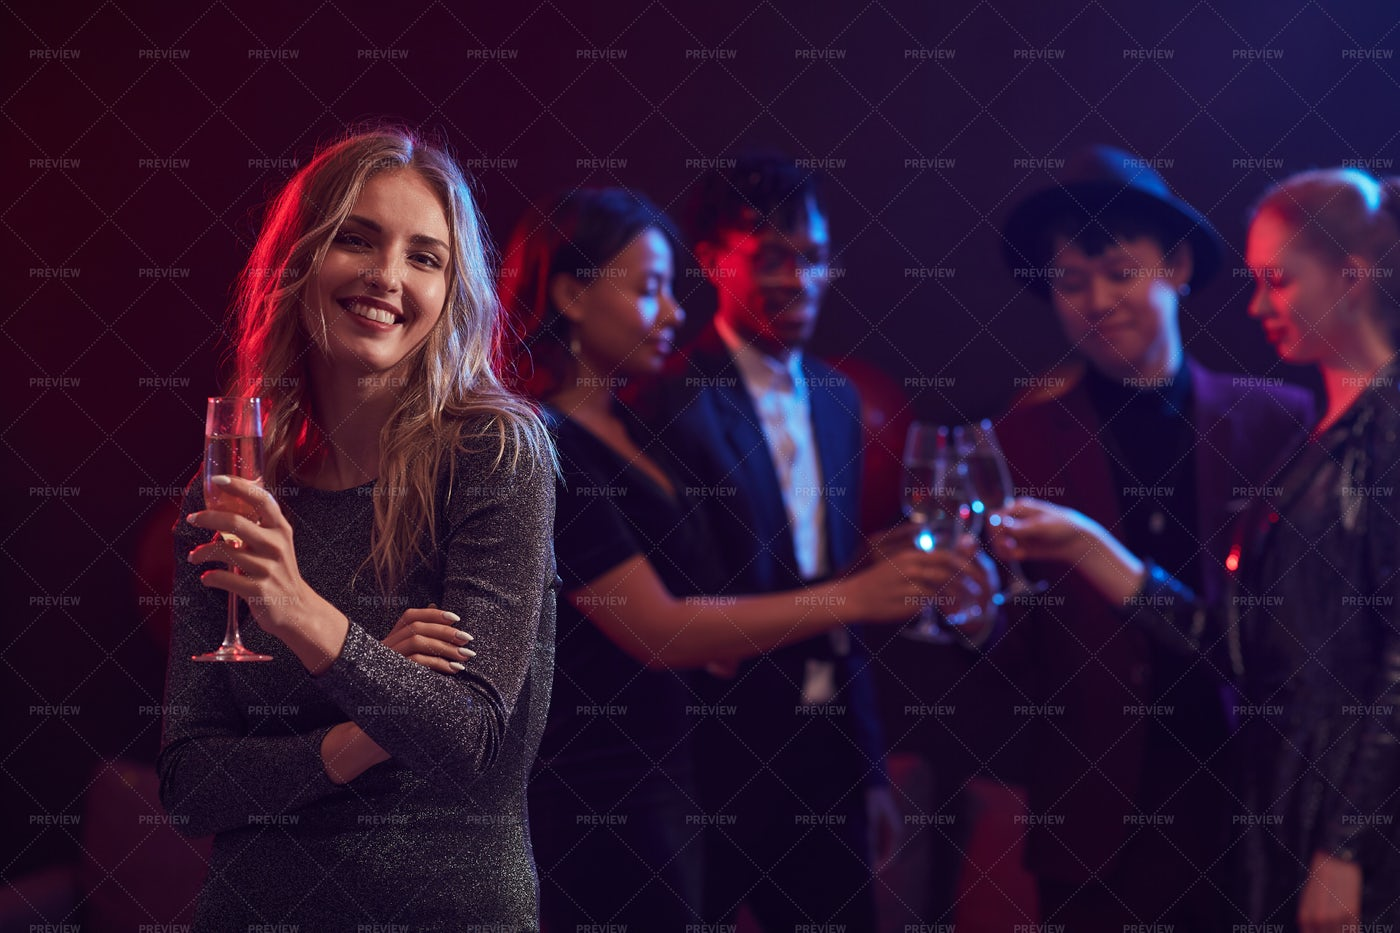 Beautiful Woman Posing In Nightclub: Stock Photos